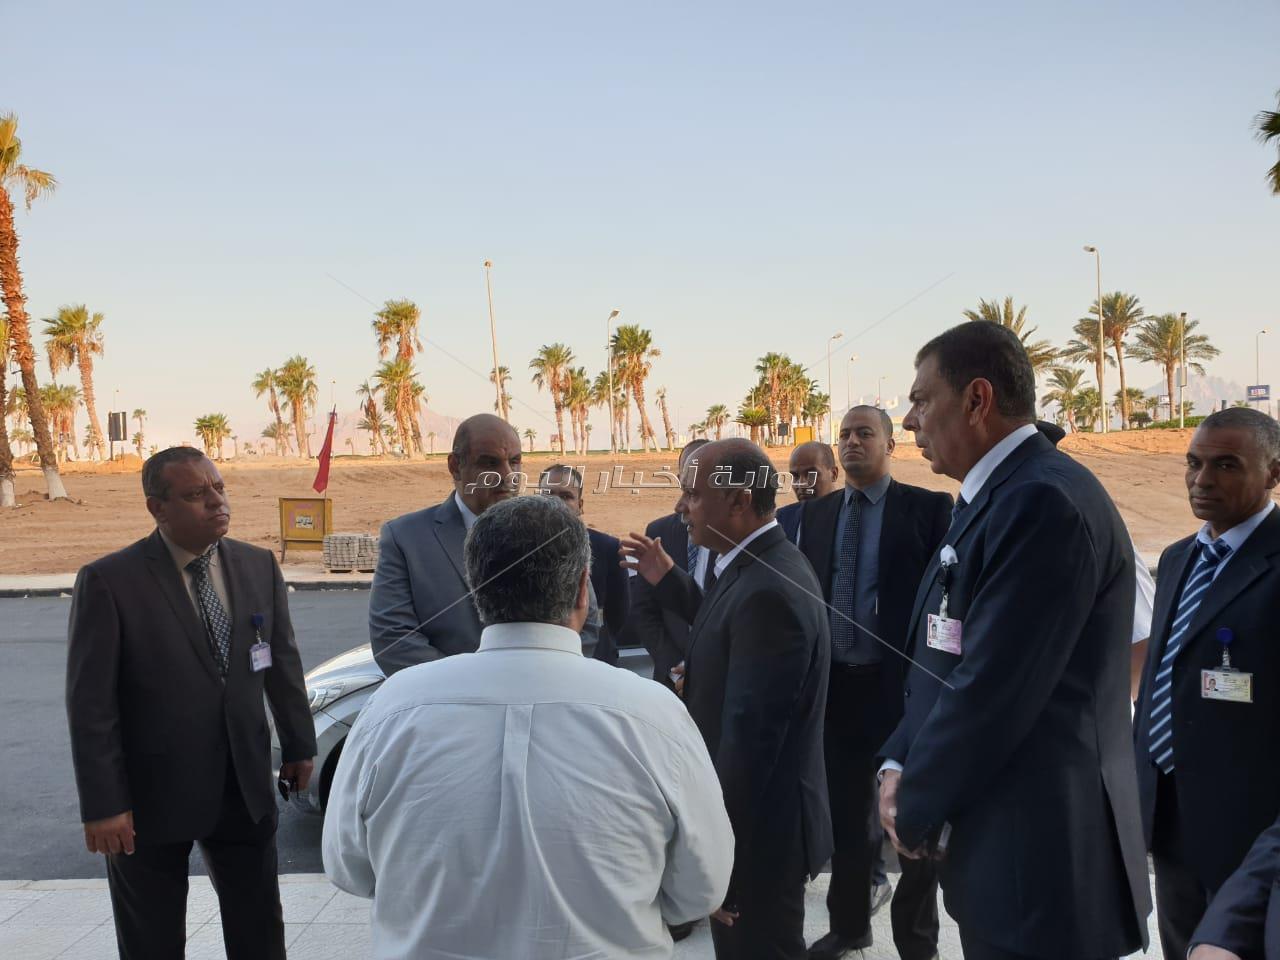 صور وزير الطيران يتفقد مطار شرم الشيخ الدولي فى ثالث أيام عيد الأضحى المبارك